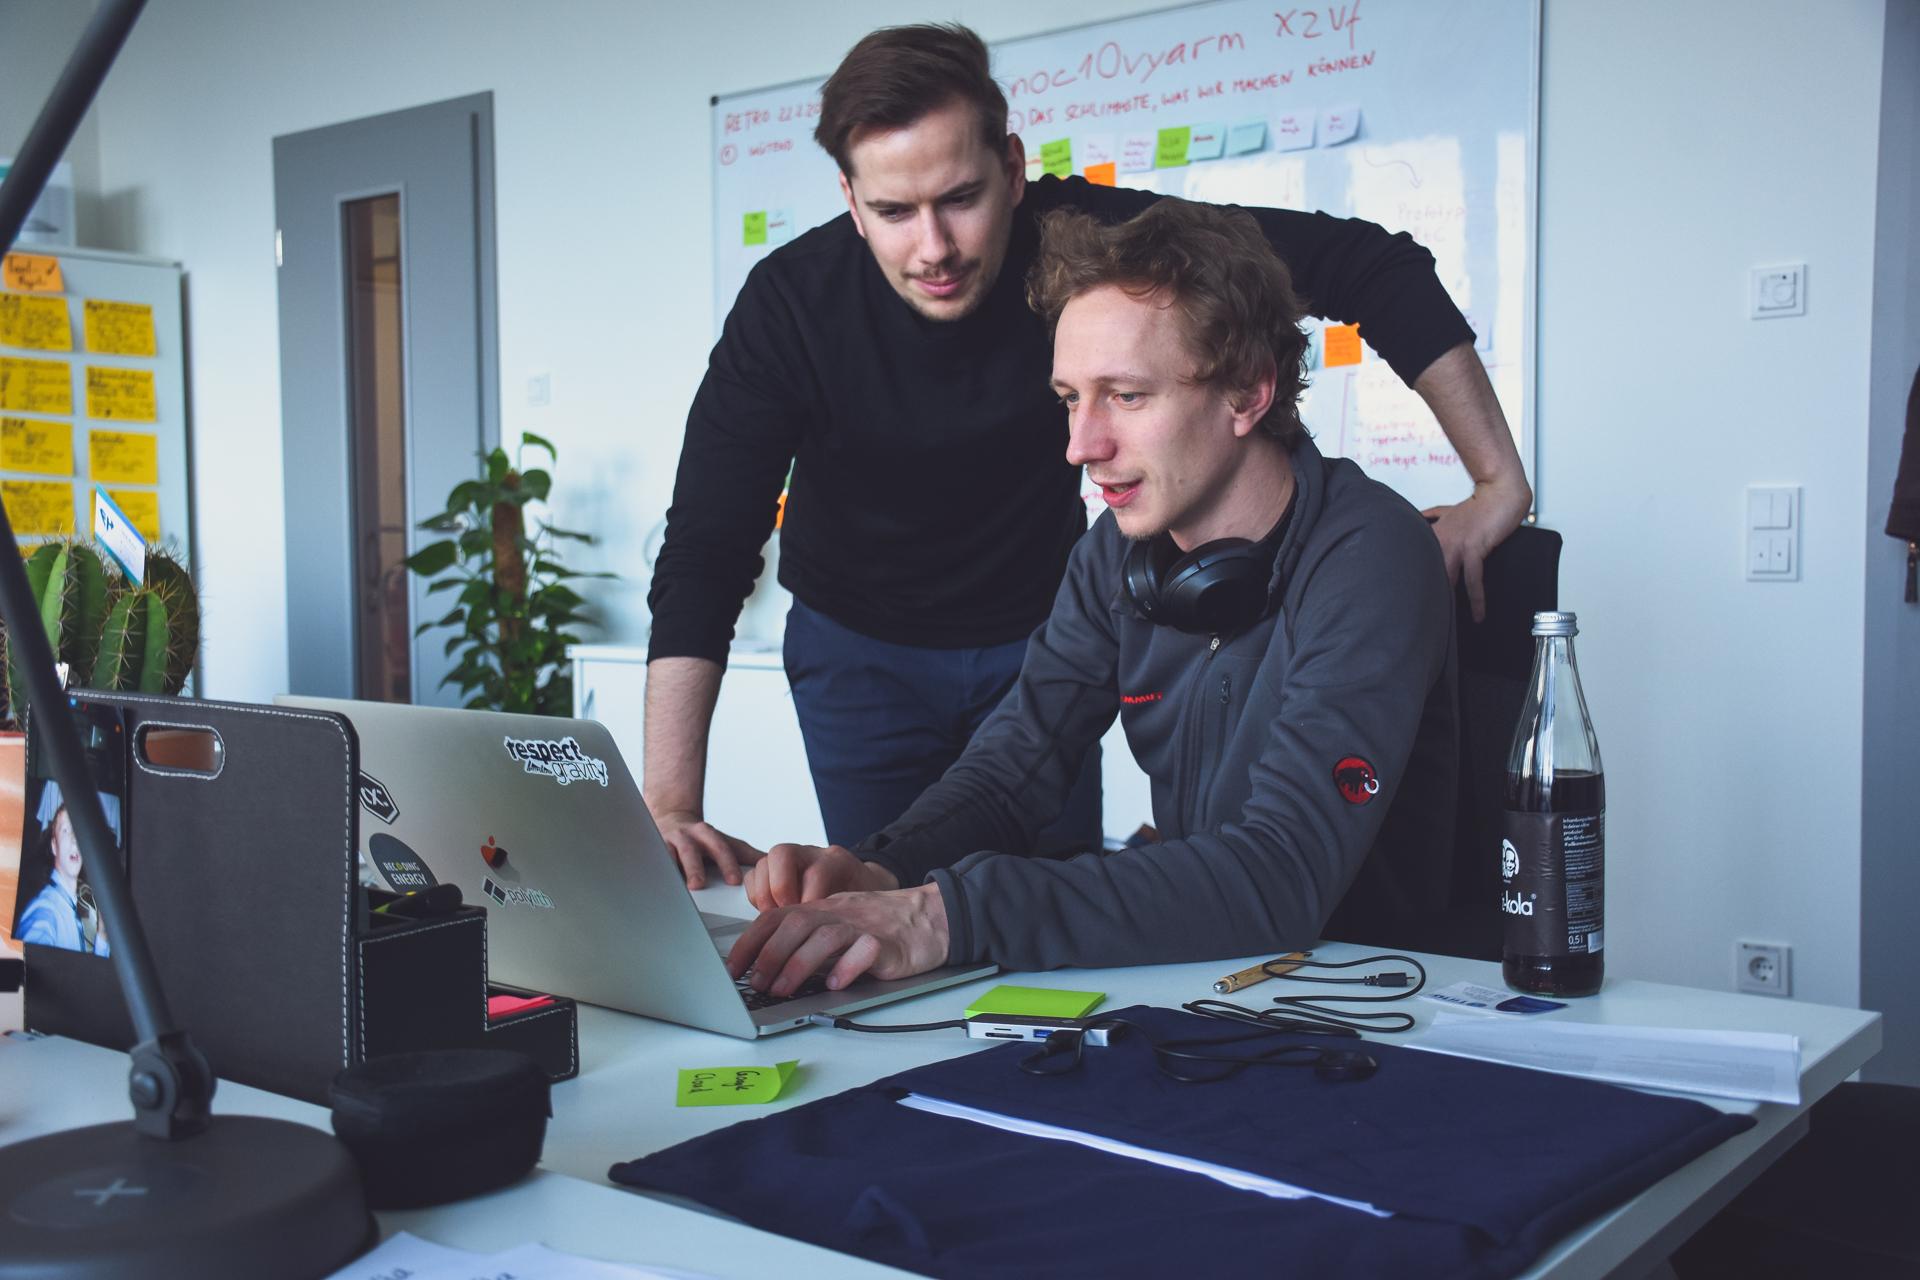 Die Gründer Jakob Blume und Philipp Dienst arbeiten